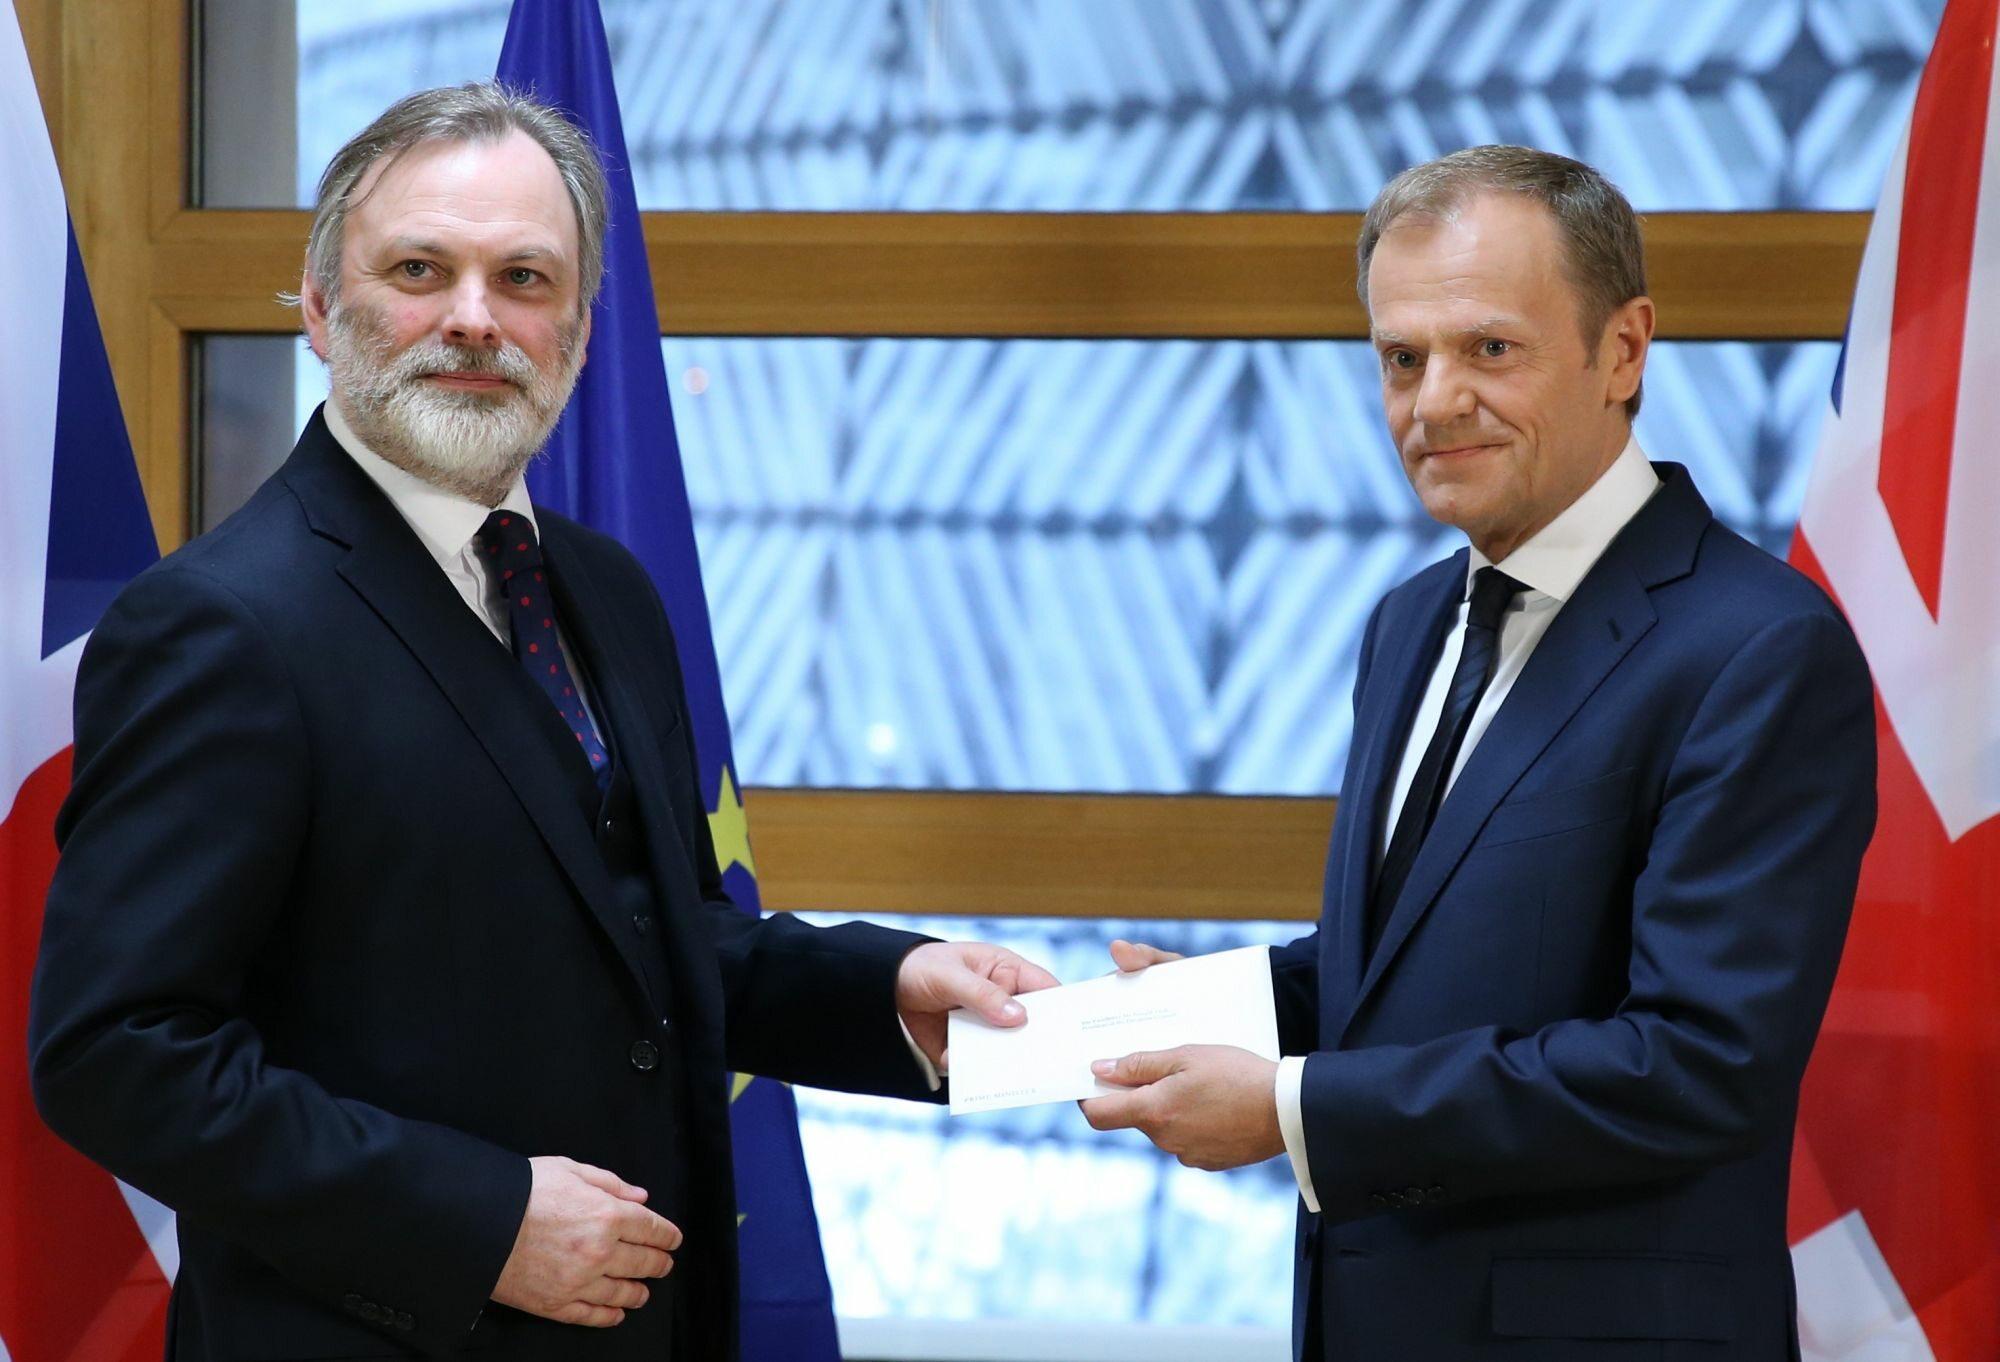 Tim Barrow składa na ręce Donalda Tuska list rozpoczynający Brexit